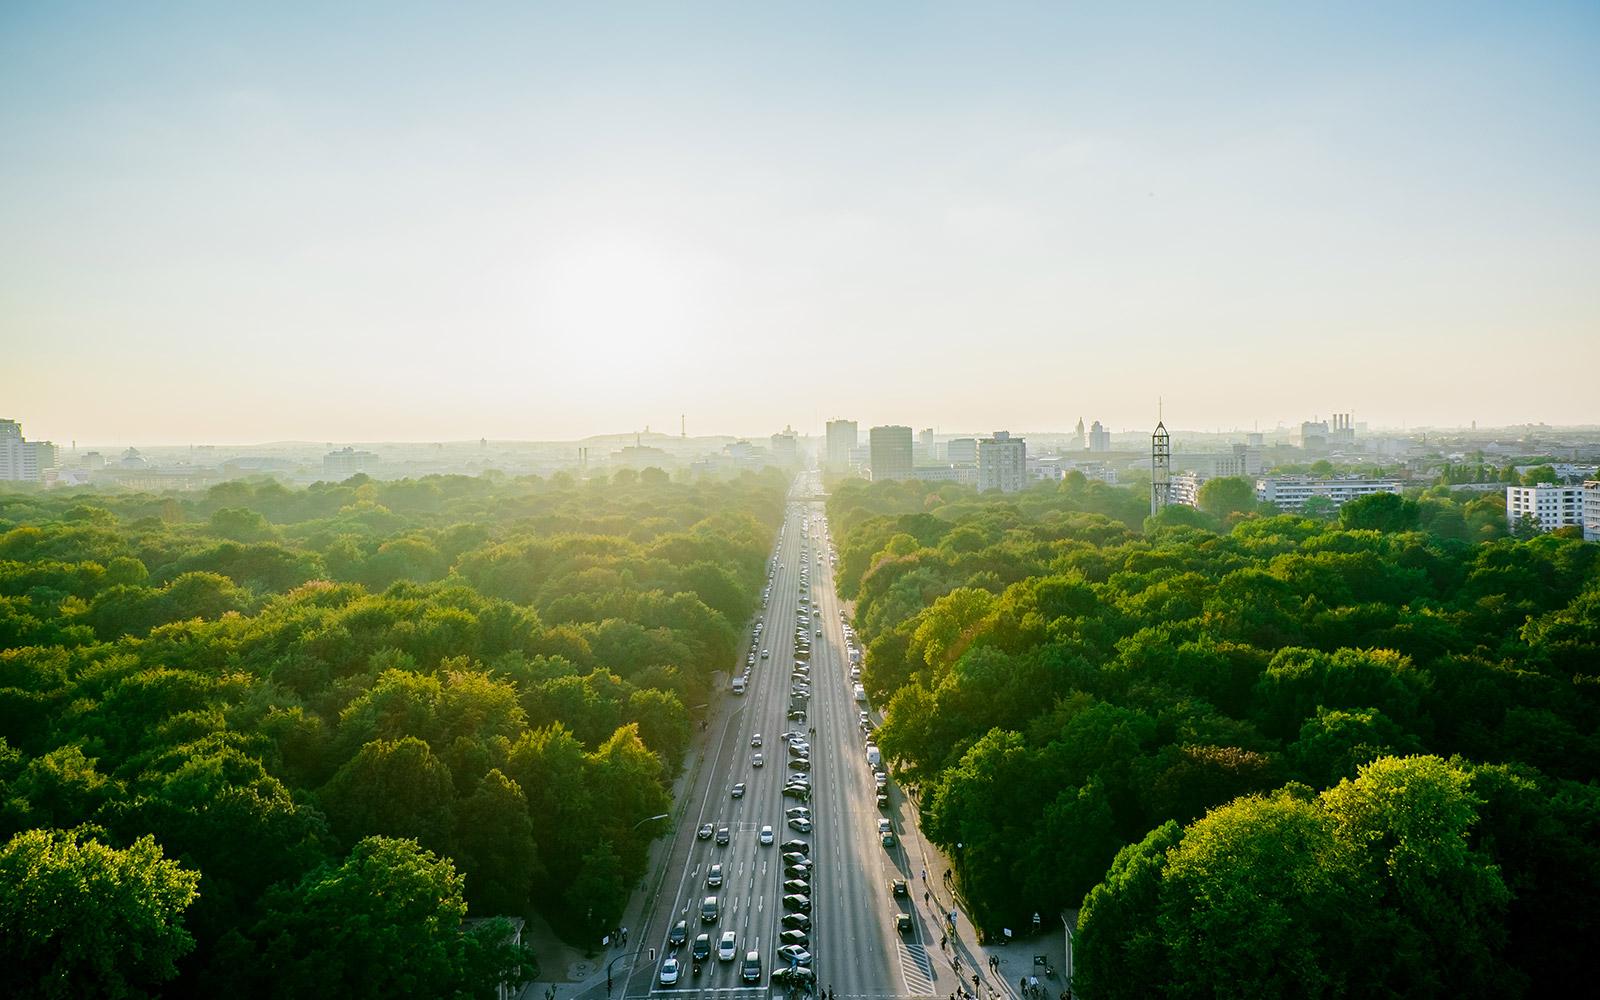 Flyg Till Berlin Billiga Flyg Flera Gånger Om Dagen Sas